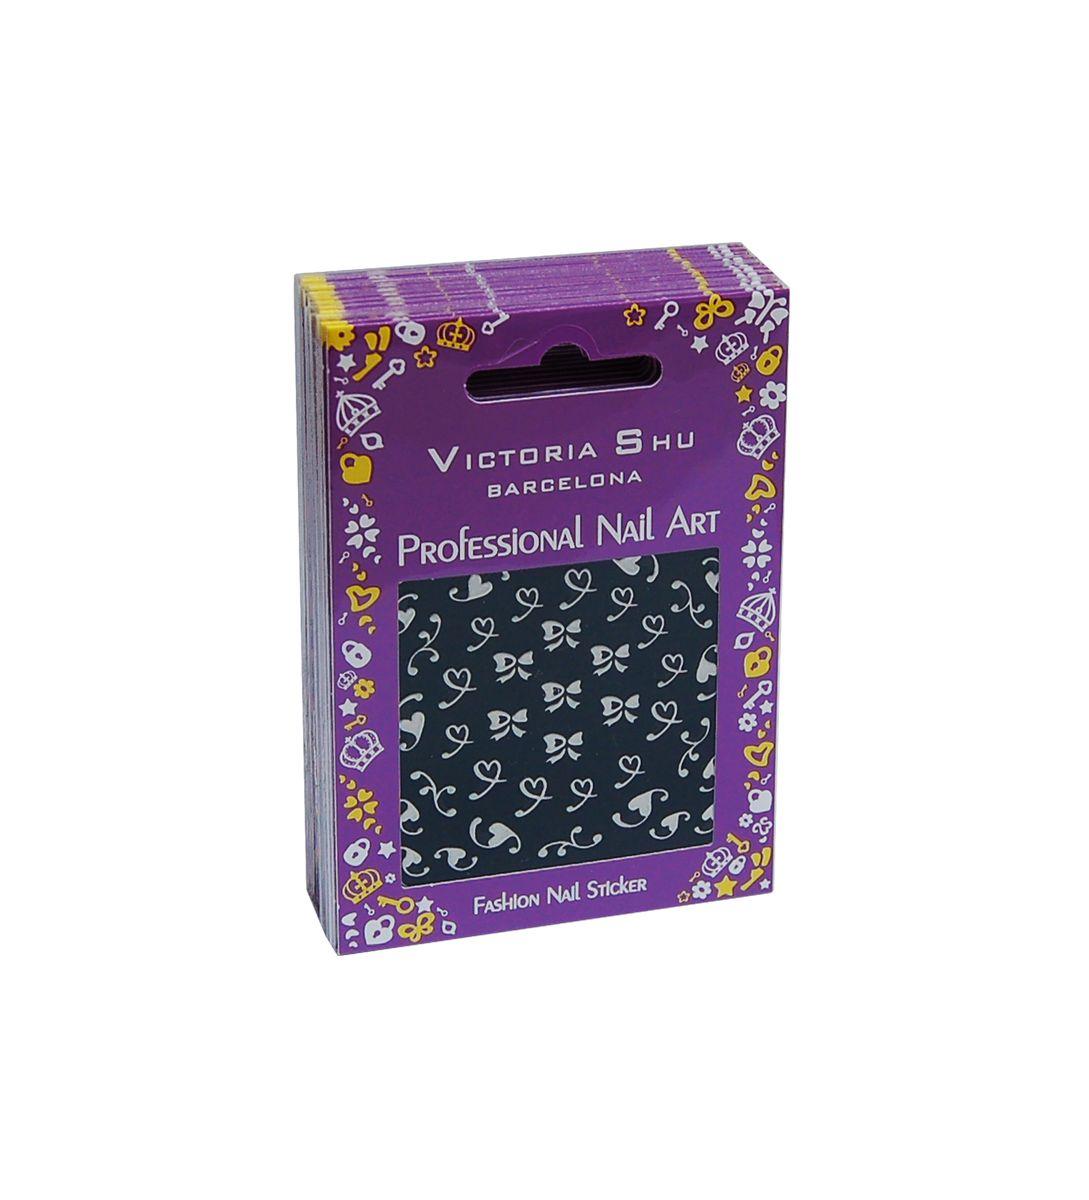 Victoria Shu NS010 Комплект наклеек для ногтей, 12 шт1080V15670Наклейки для ногтей позволяют украсить ногти так, как это невозможно сделать при помощи обычного лака.